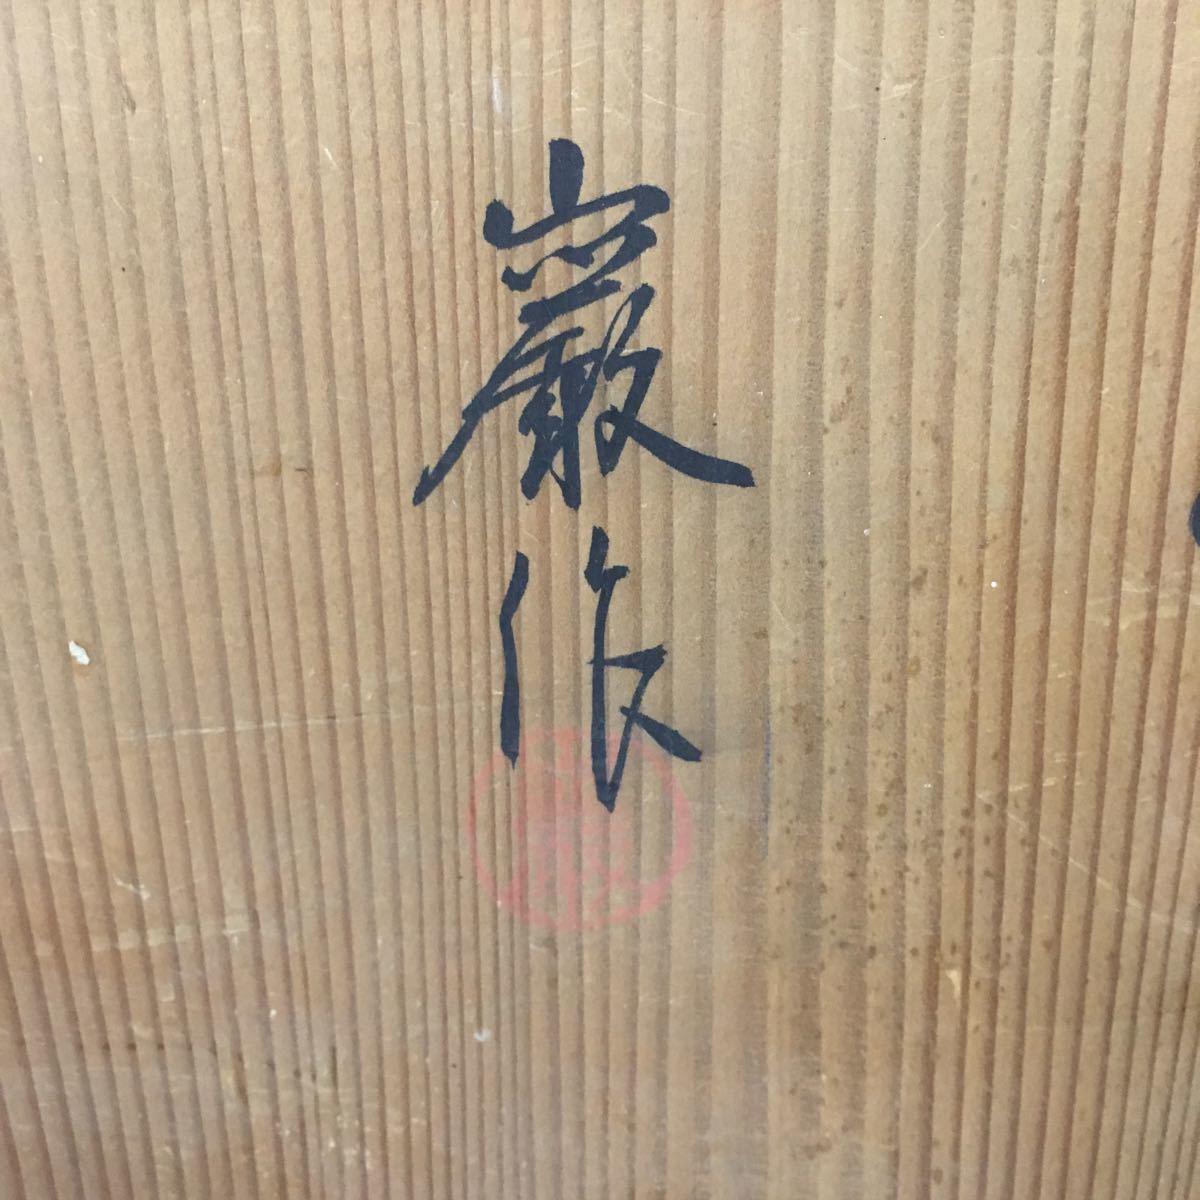 ケ79) 砥部焼 登山窯 伝統工芸士 佐川巌【青白磁 花瓶 厳/銘】 花器 花入_画像9